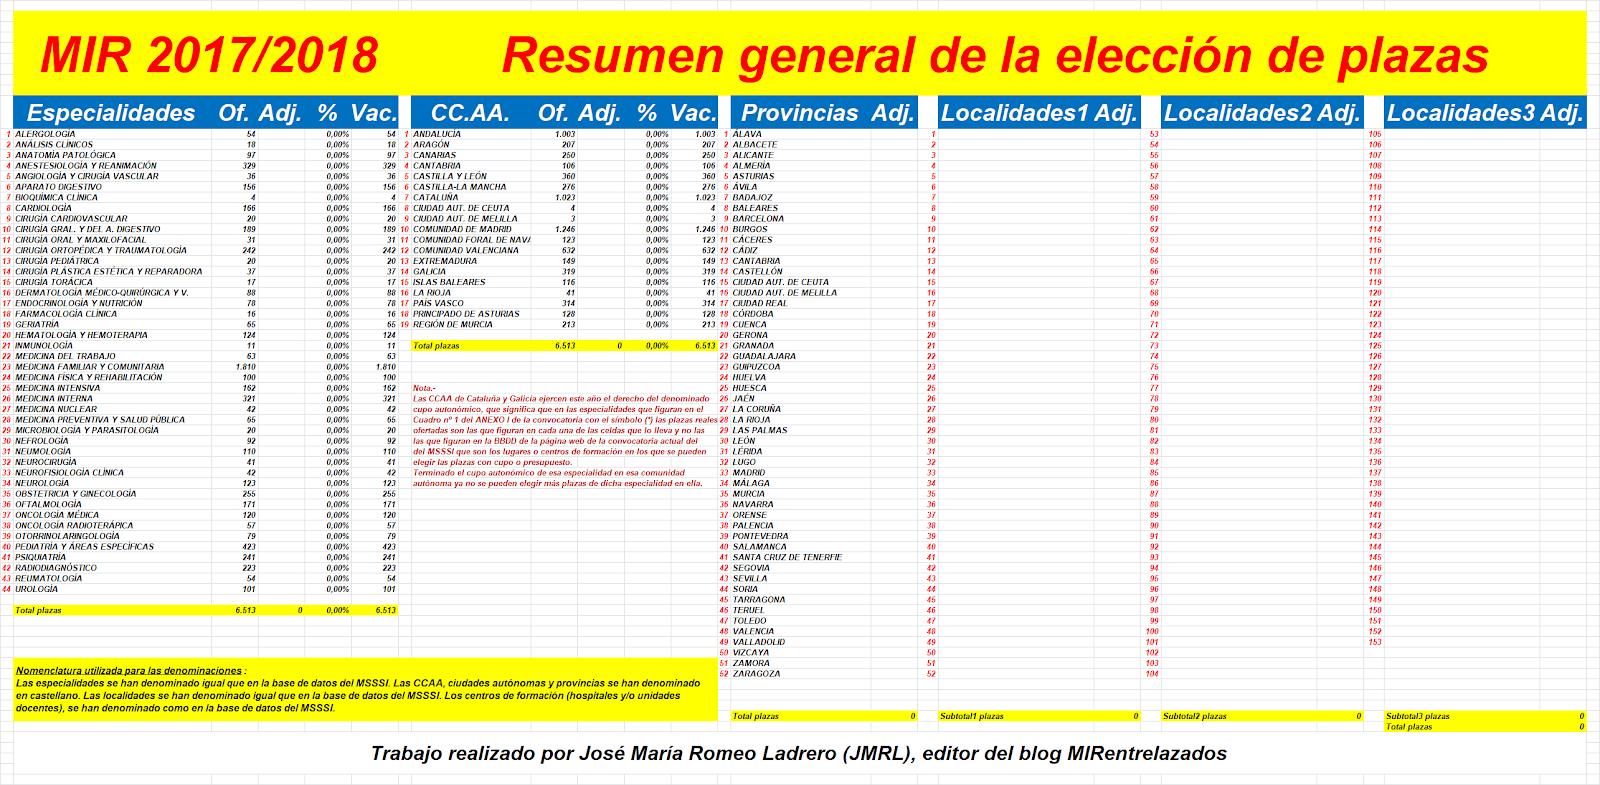 Lujoso Reanudar La Escritura De Consejos 2014 Modelo - Ejemplo De ...